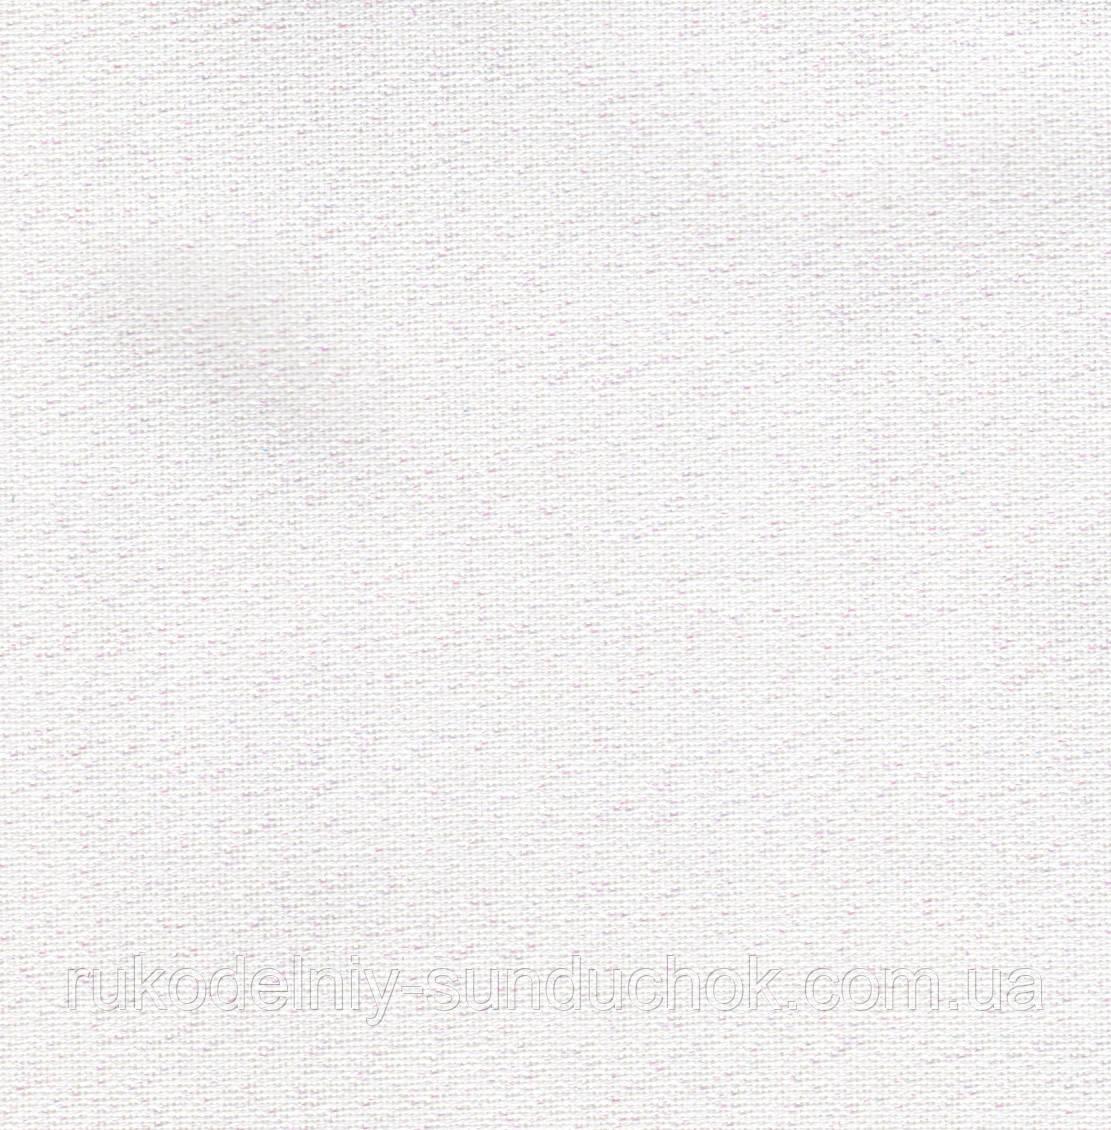 Ткань равномерного переплетения Zweigart Murano Lugana 32 ct. 3984/11 белый с перламутровым люрексом